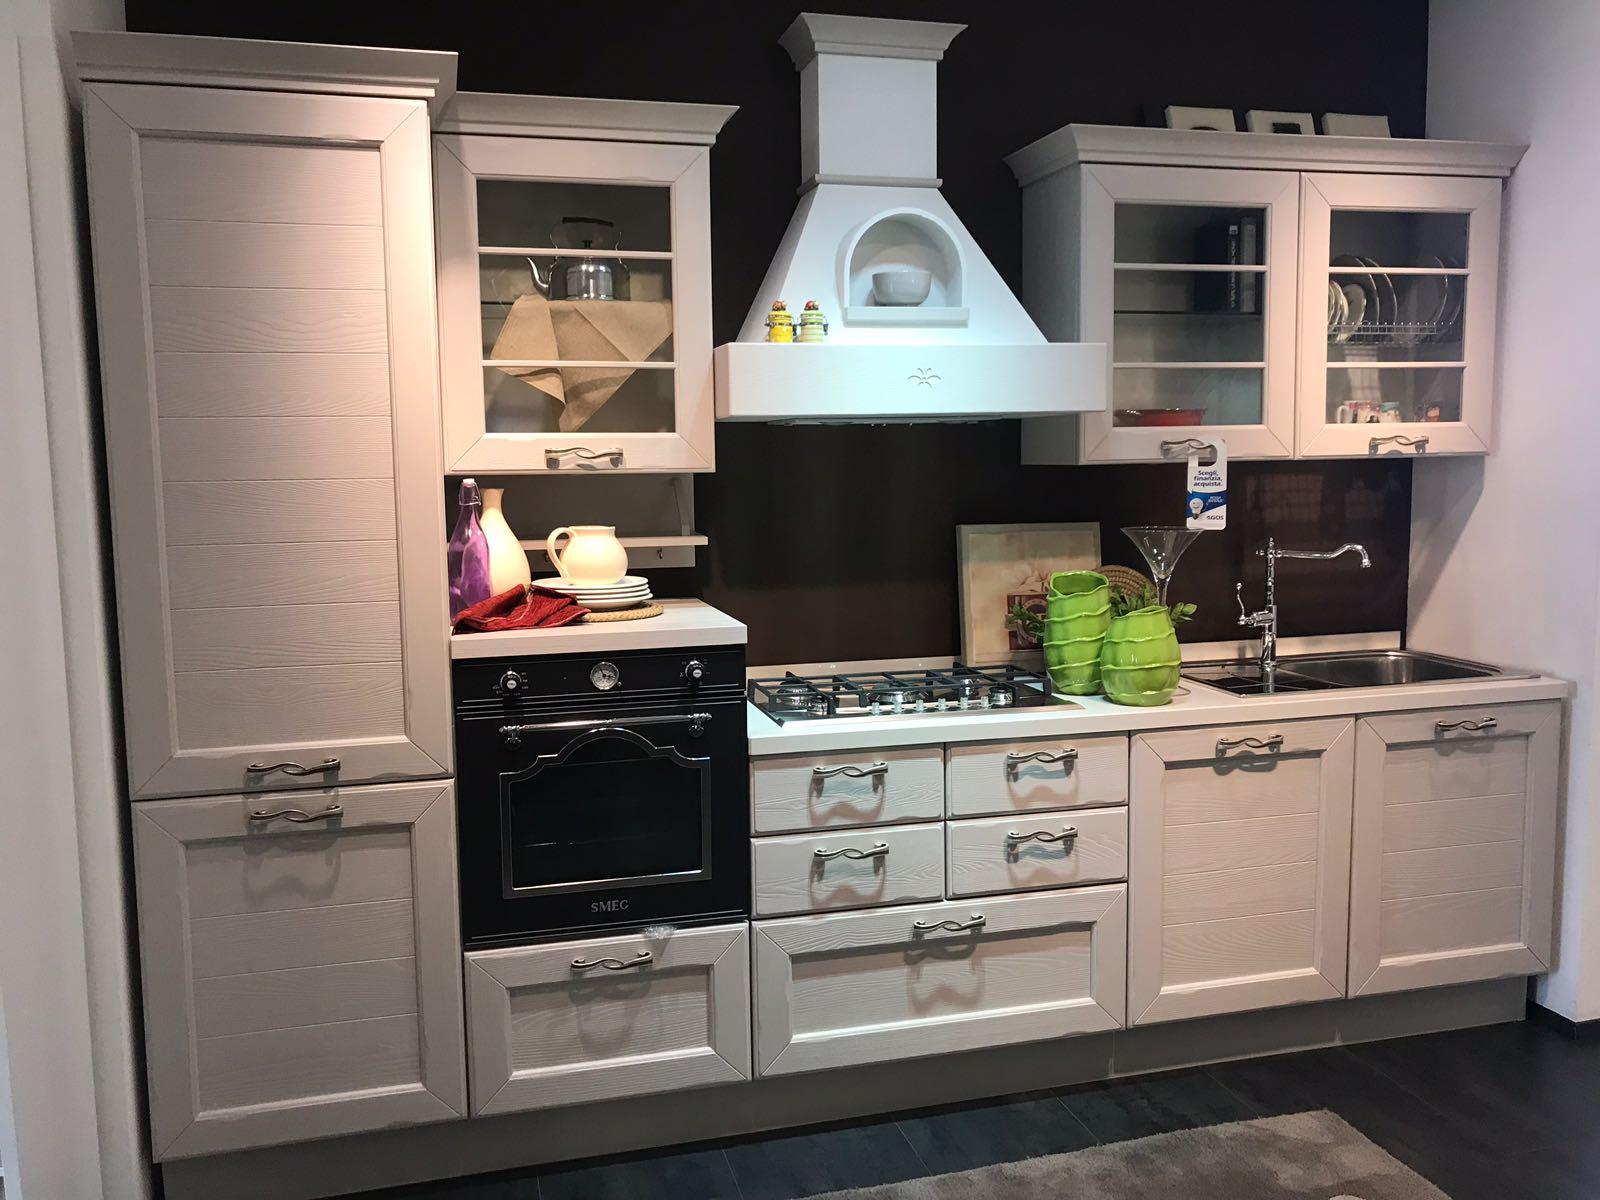 Cucina Lube Claudia – Cucine Lube Roma e nuova linea Creo Kitchens